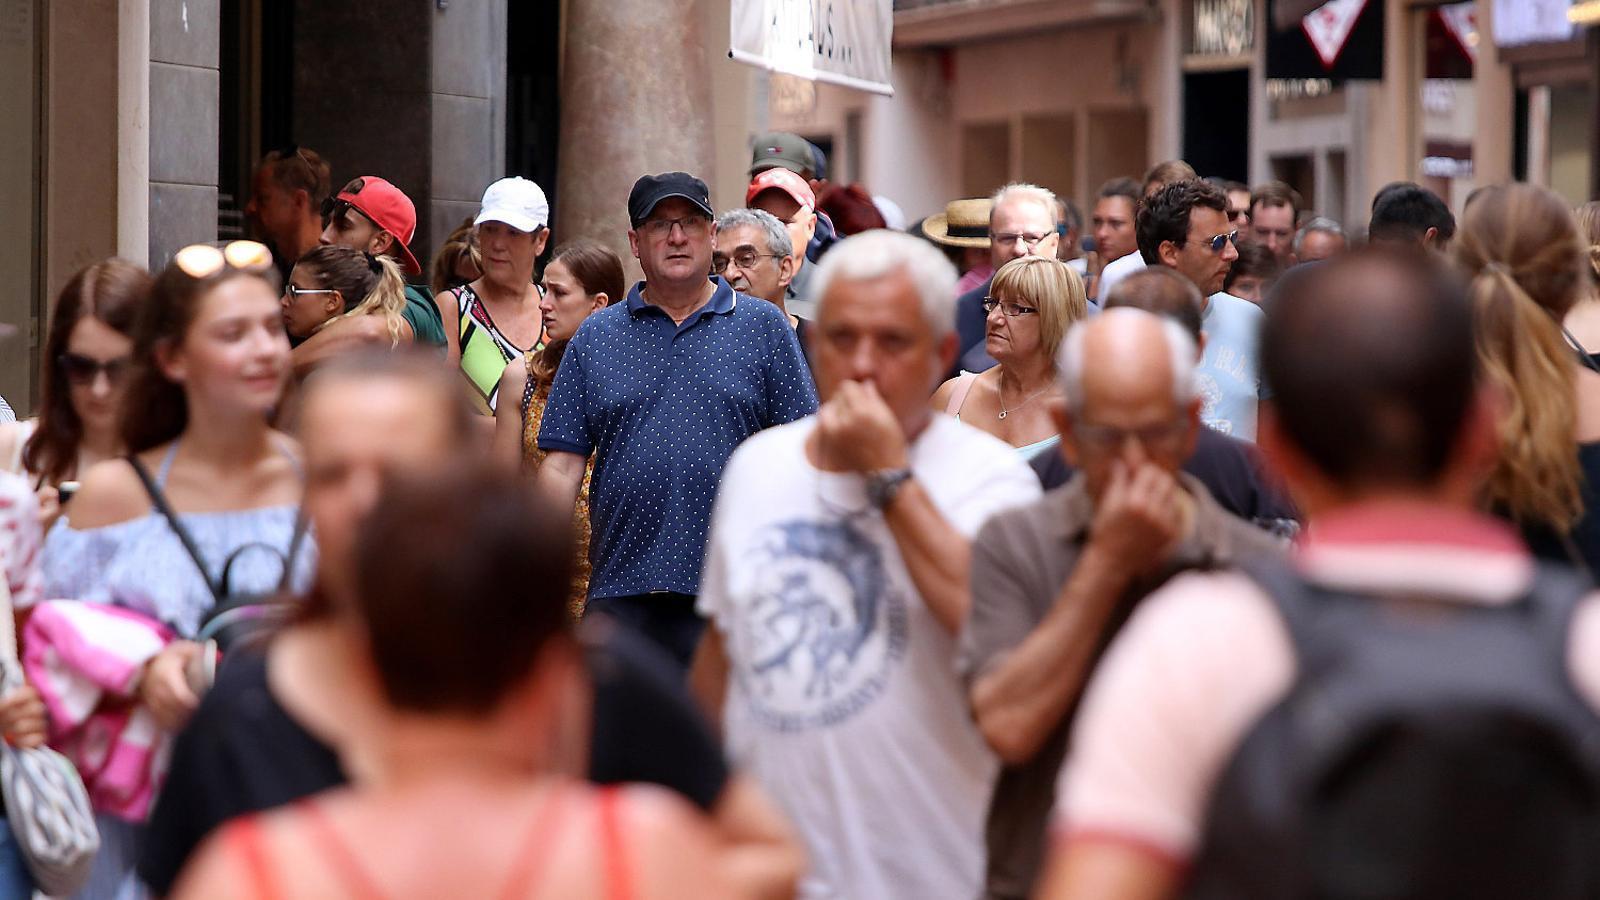 Platja de Palma - l'Arenal és una de les zones amb més densitat turística, segons el Consell de Mallorca.